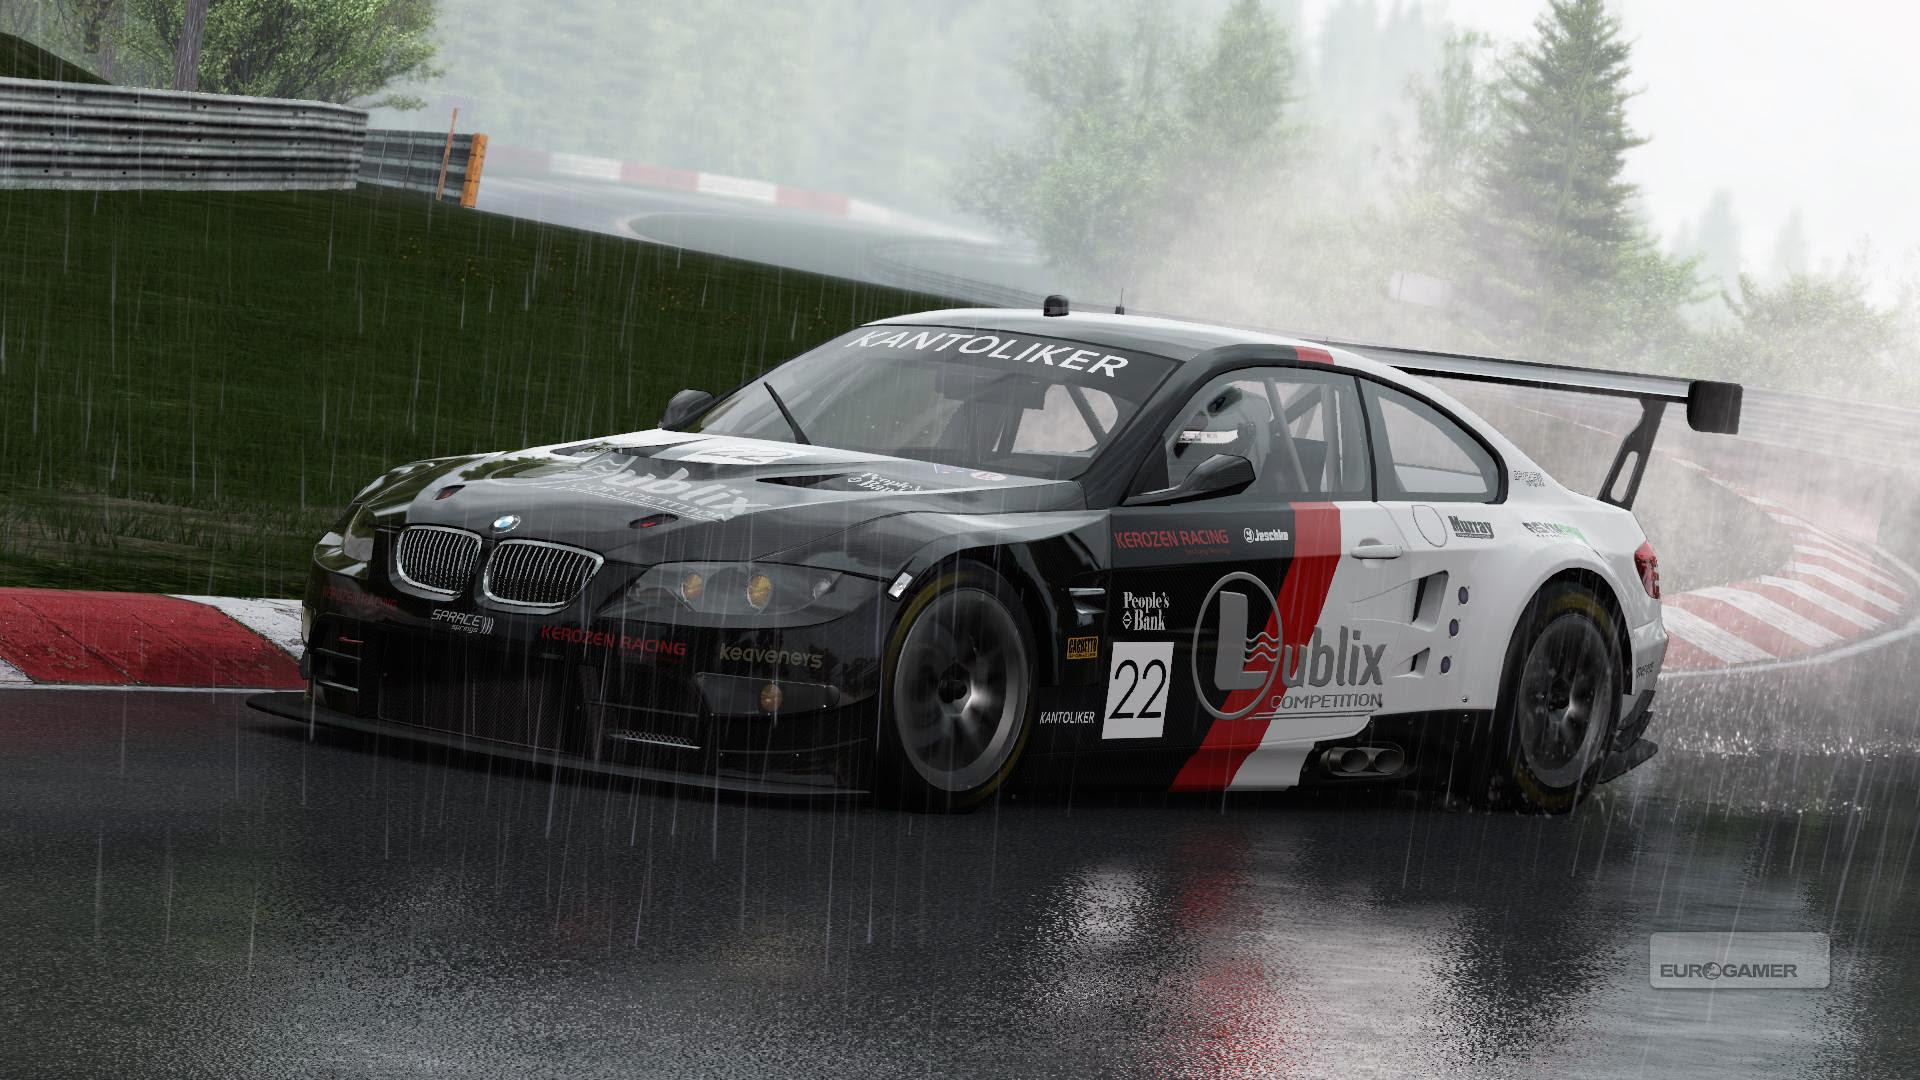 Project Cars PC Games Wallpaper - WallpaperSafari